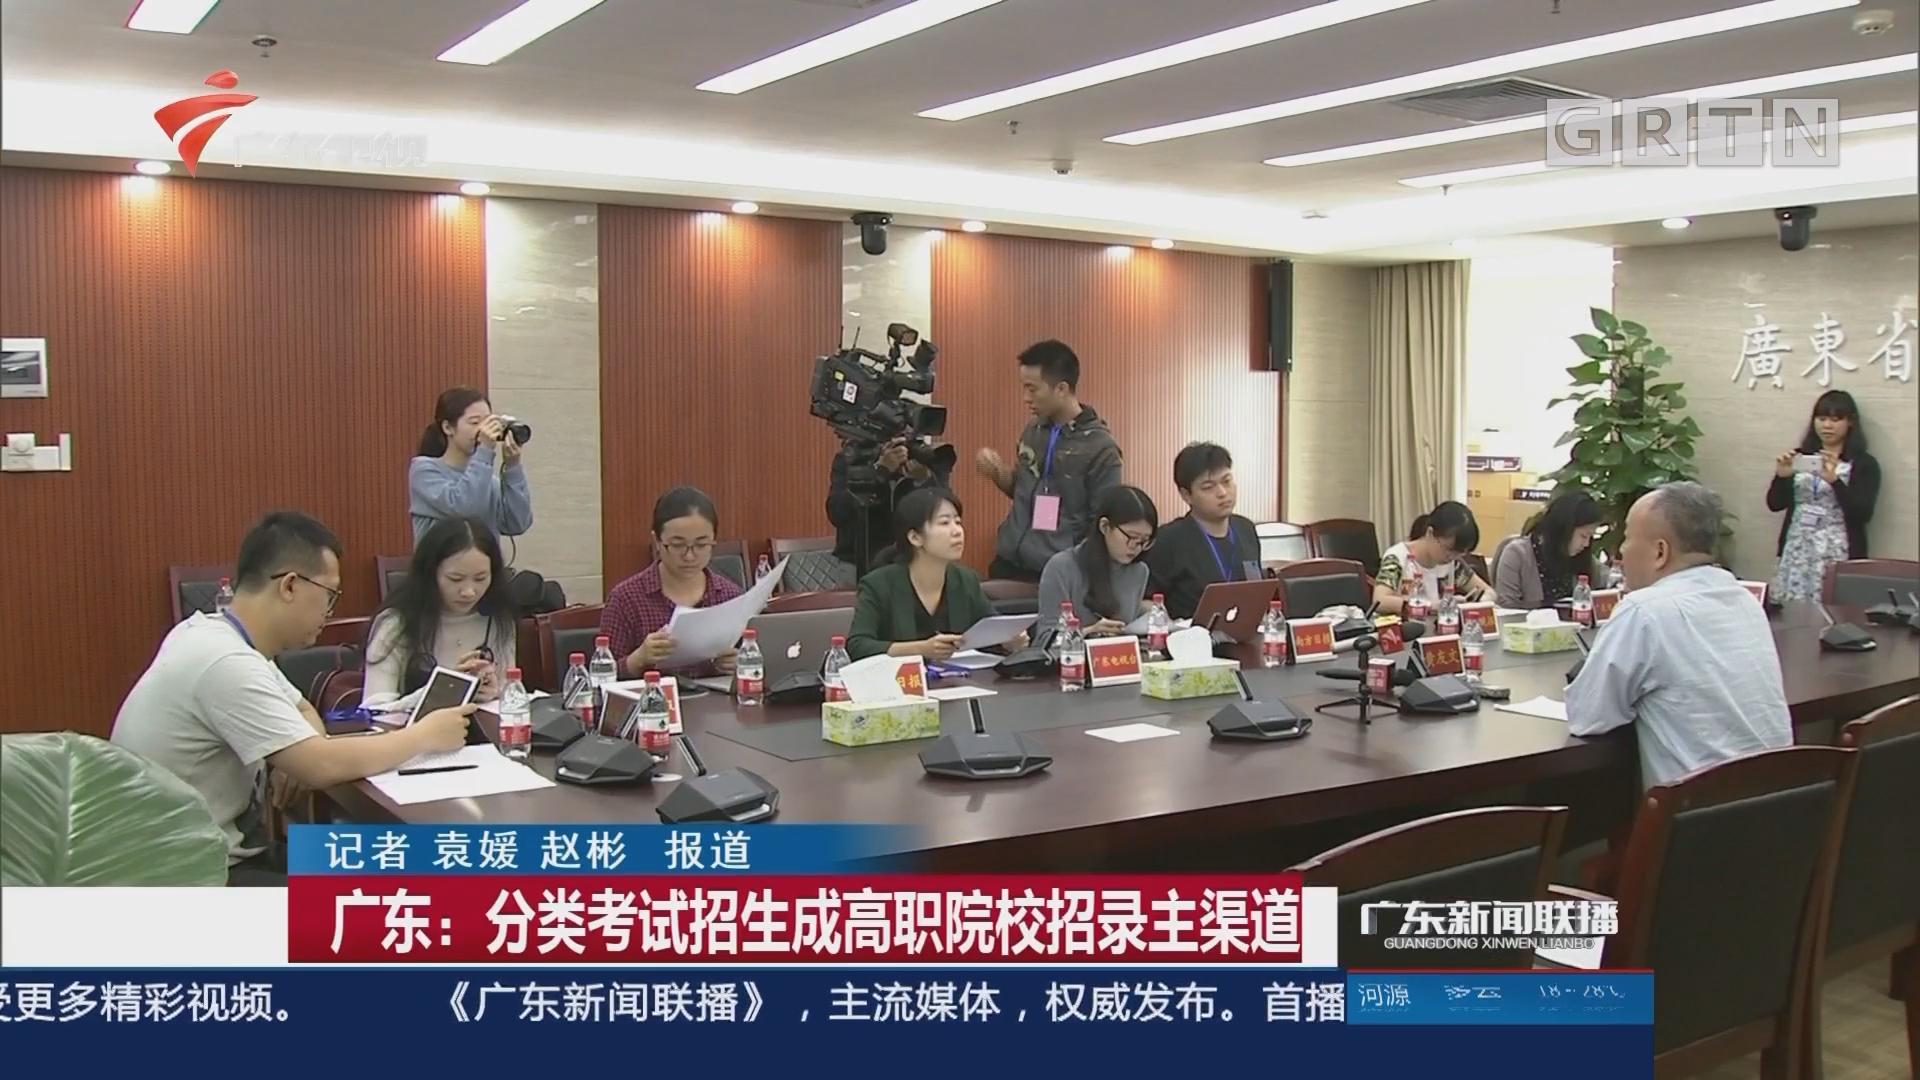 广东:分类考试招生成高职院校招录主渠道